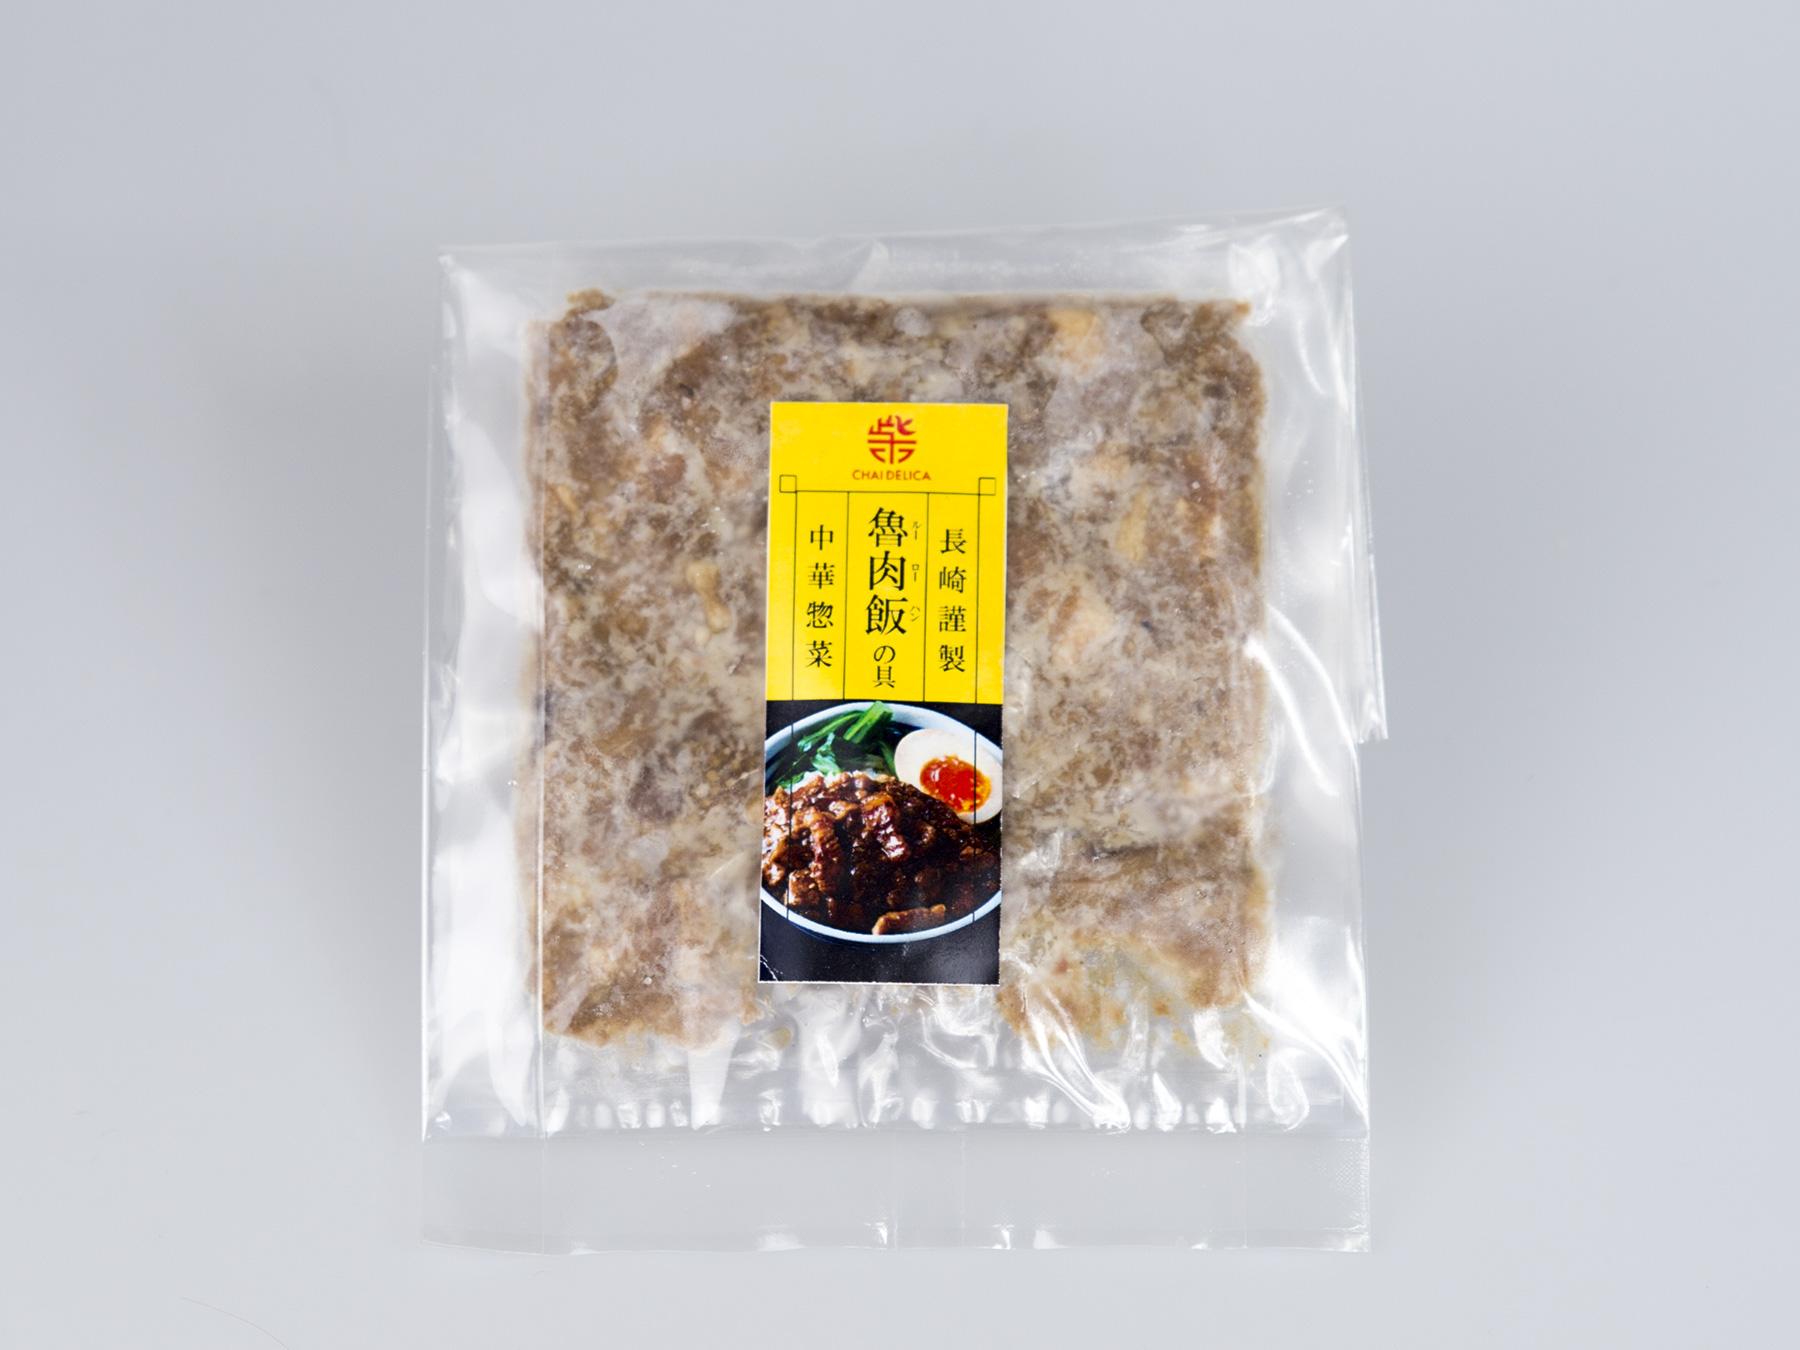 """""""長崎焼小籠包チャイデリカ""""魯肉飯(ルーローハン)の具"""